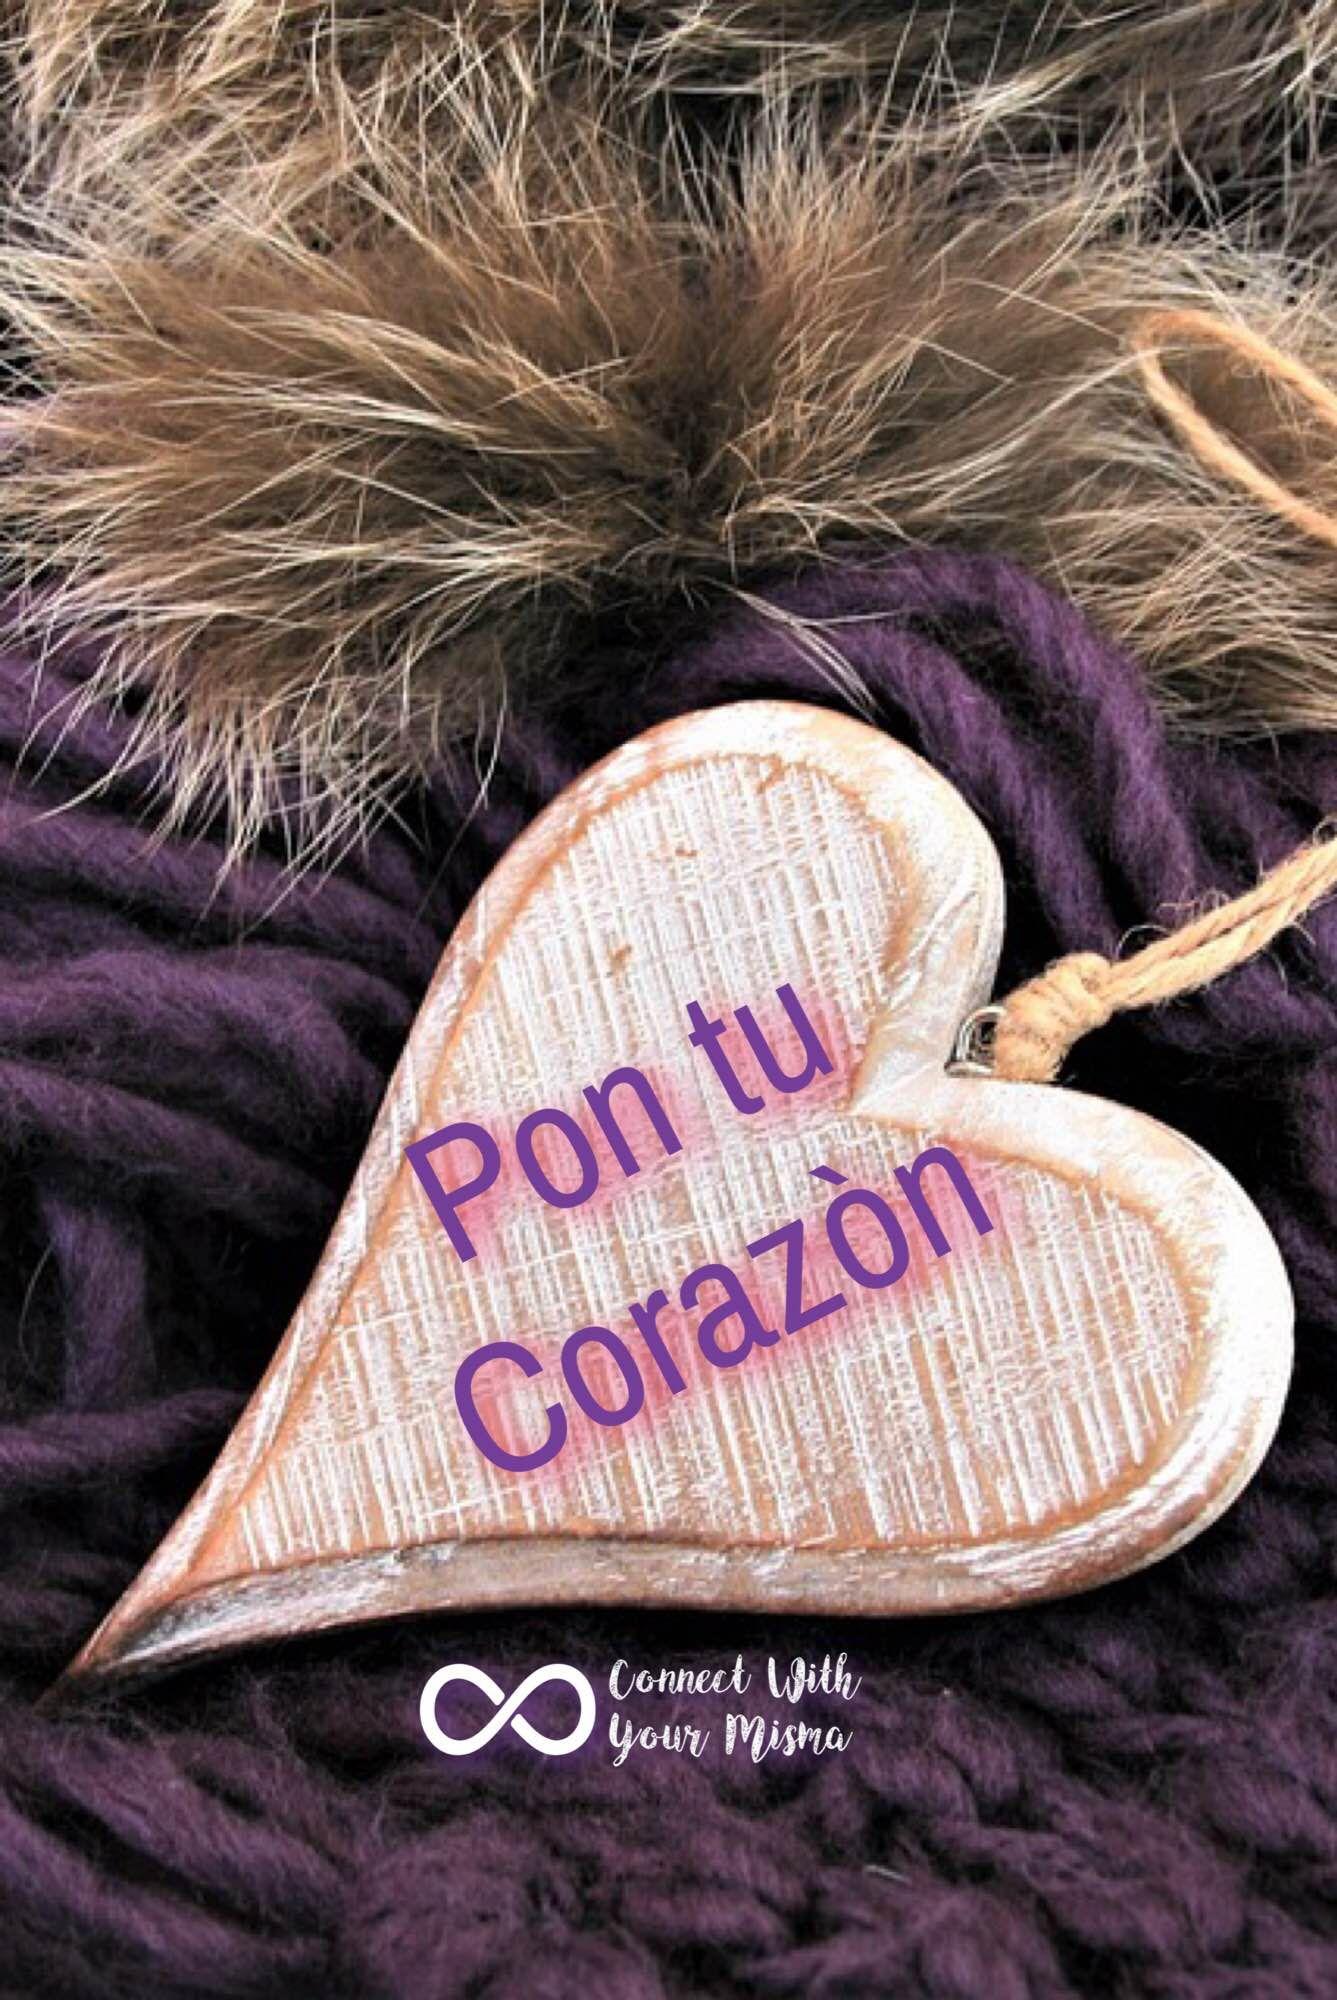 Mejor consejo recibido ever! Donde quiera que vayas pon tu corazòn. #connectwithyourmisma